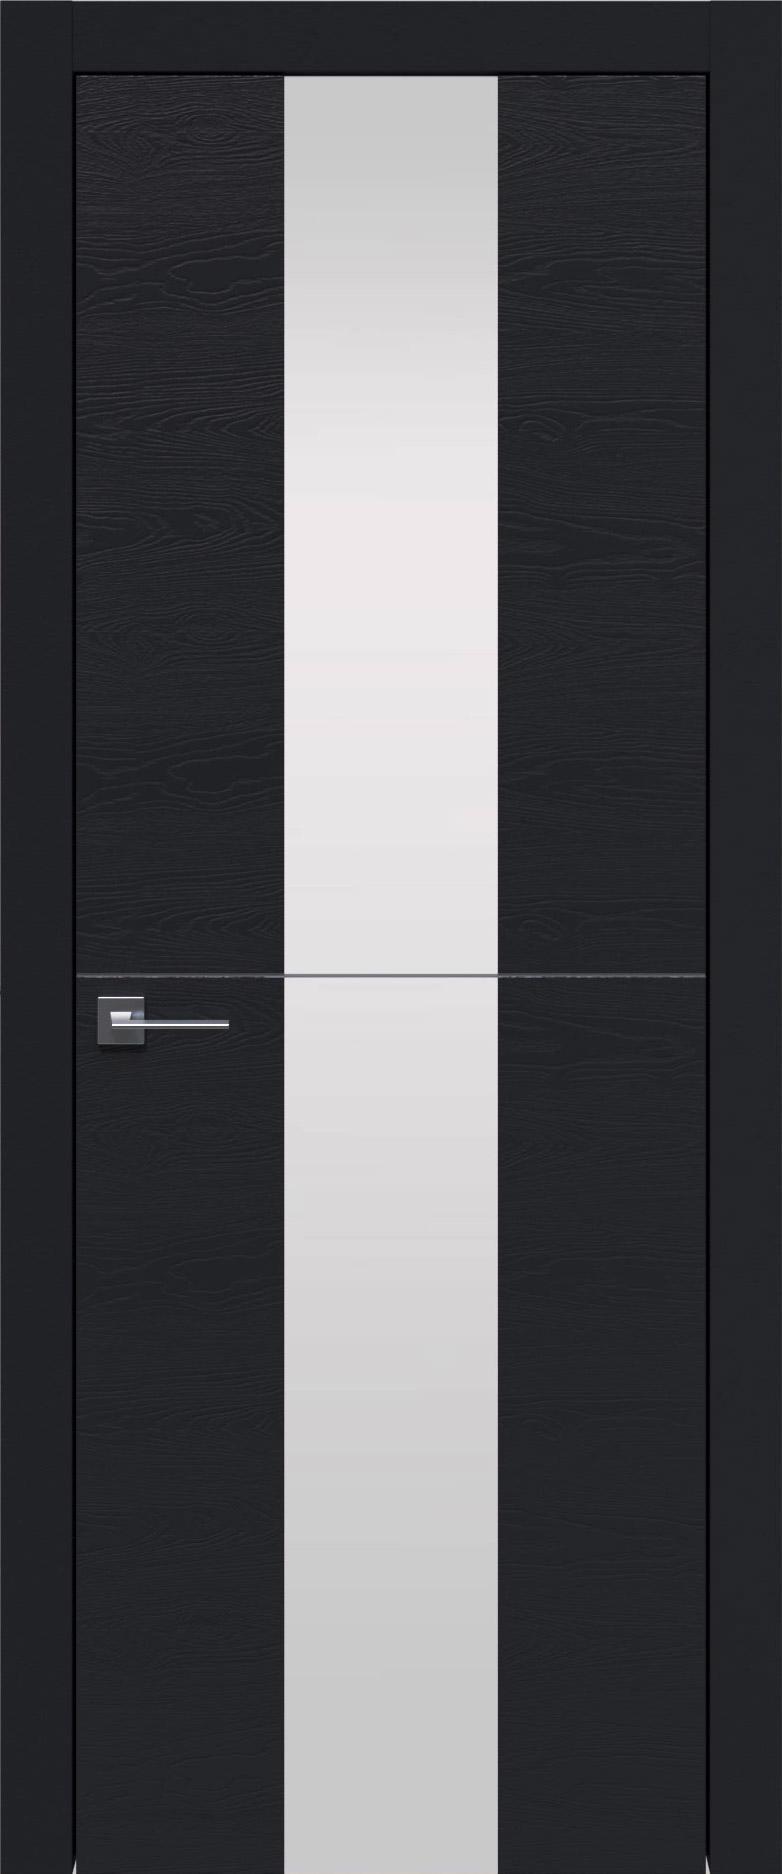 Tivoli Ж-3 цвет - Черная эмаль по шпону (RAL 9004) Со стеклом (ДО)